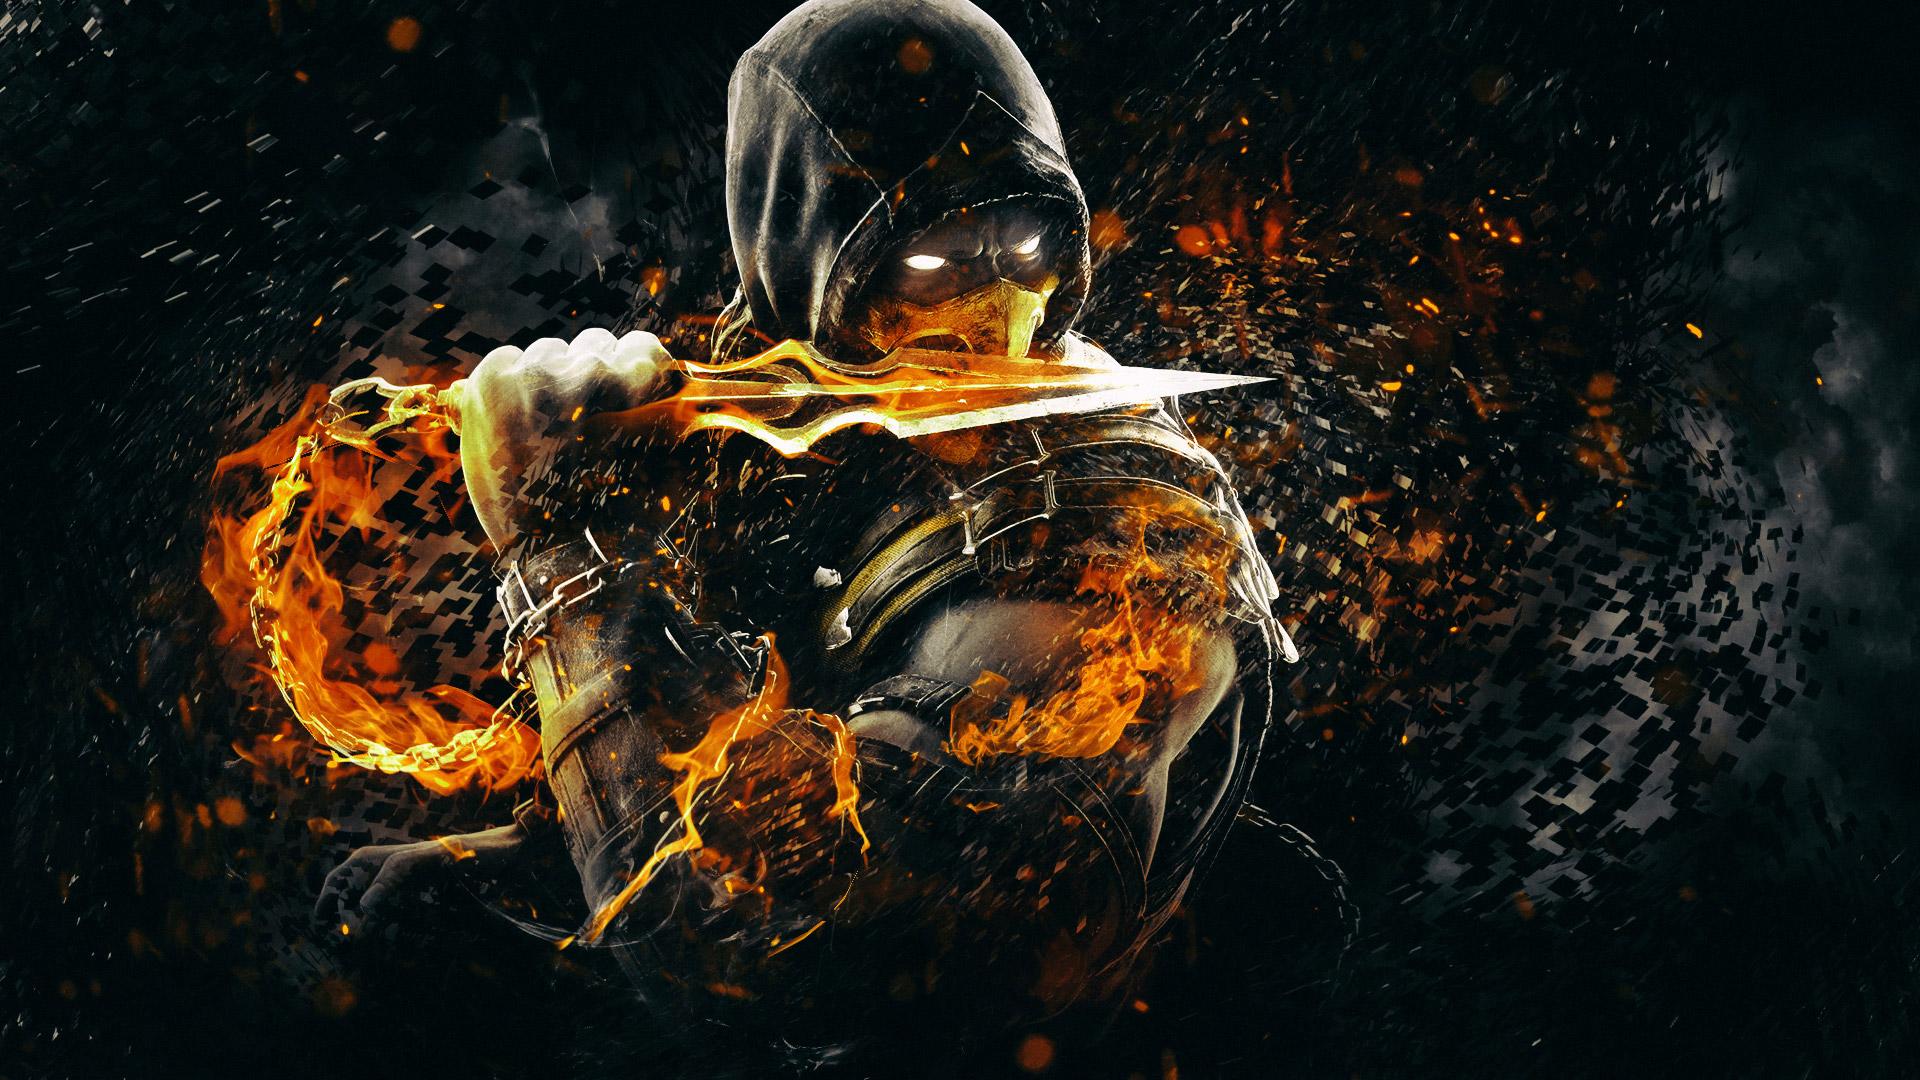 Free Mortal Kombat X Wallpaper in 1920x1080